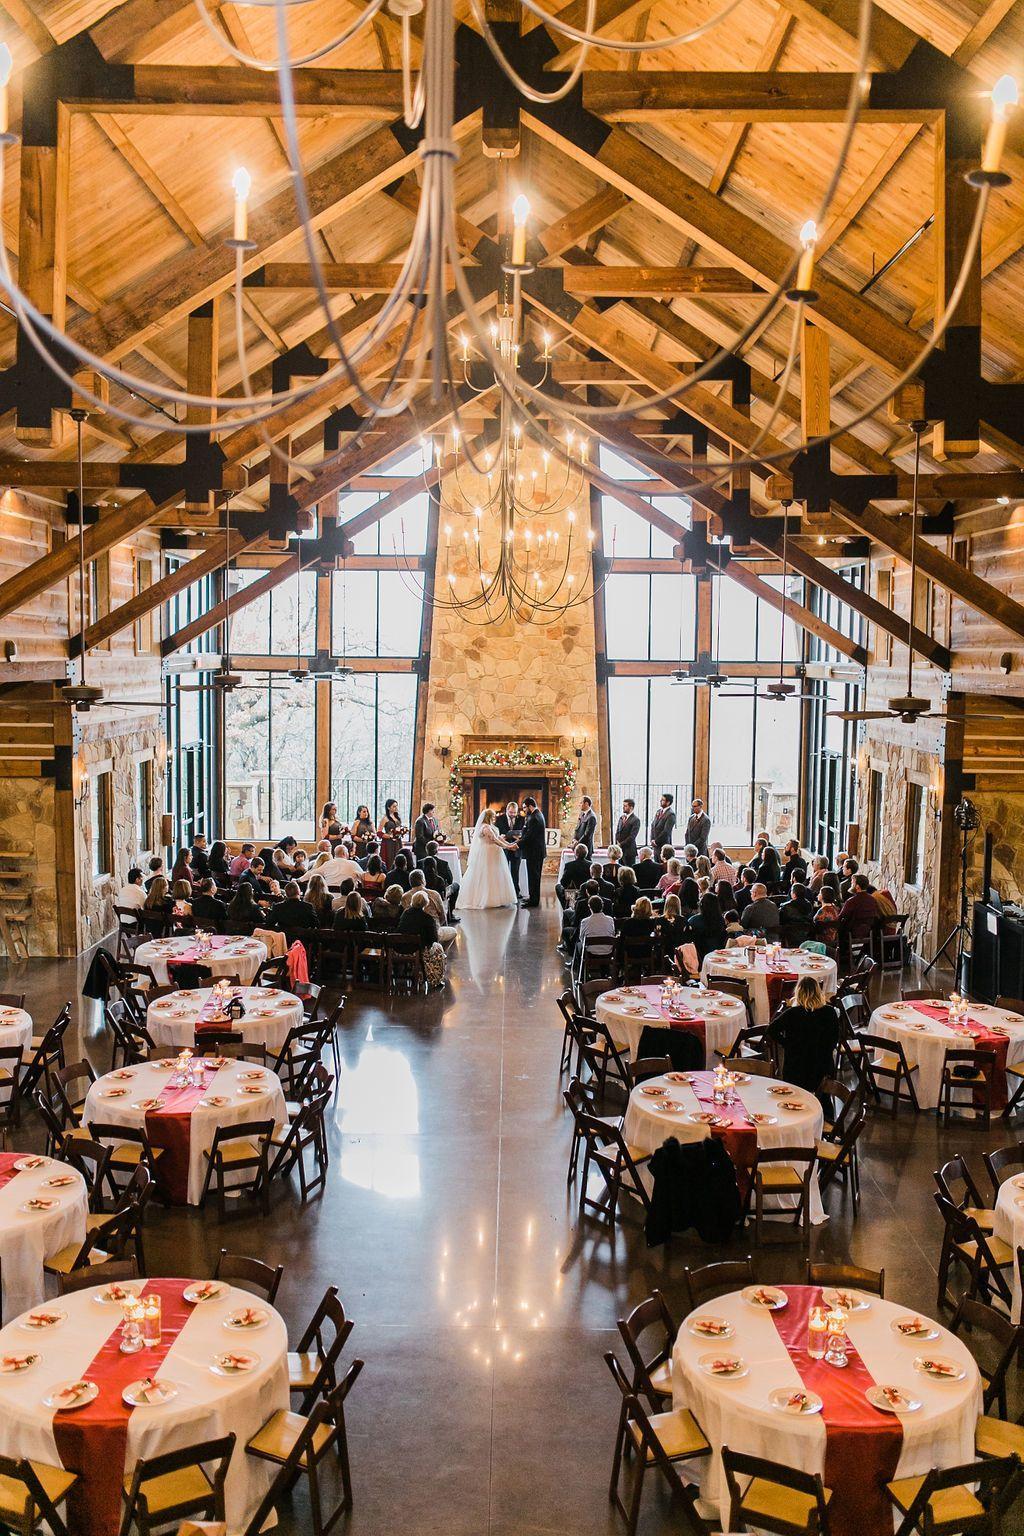 Lodge Wedding Venue in Denton Texas   lodge wedding venue   indoor lodge wedding venue   moun ...